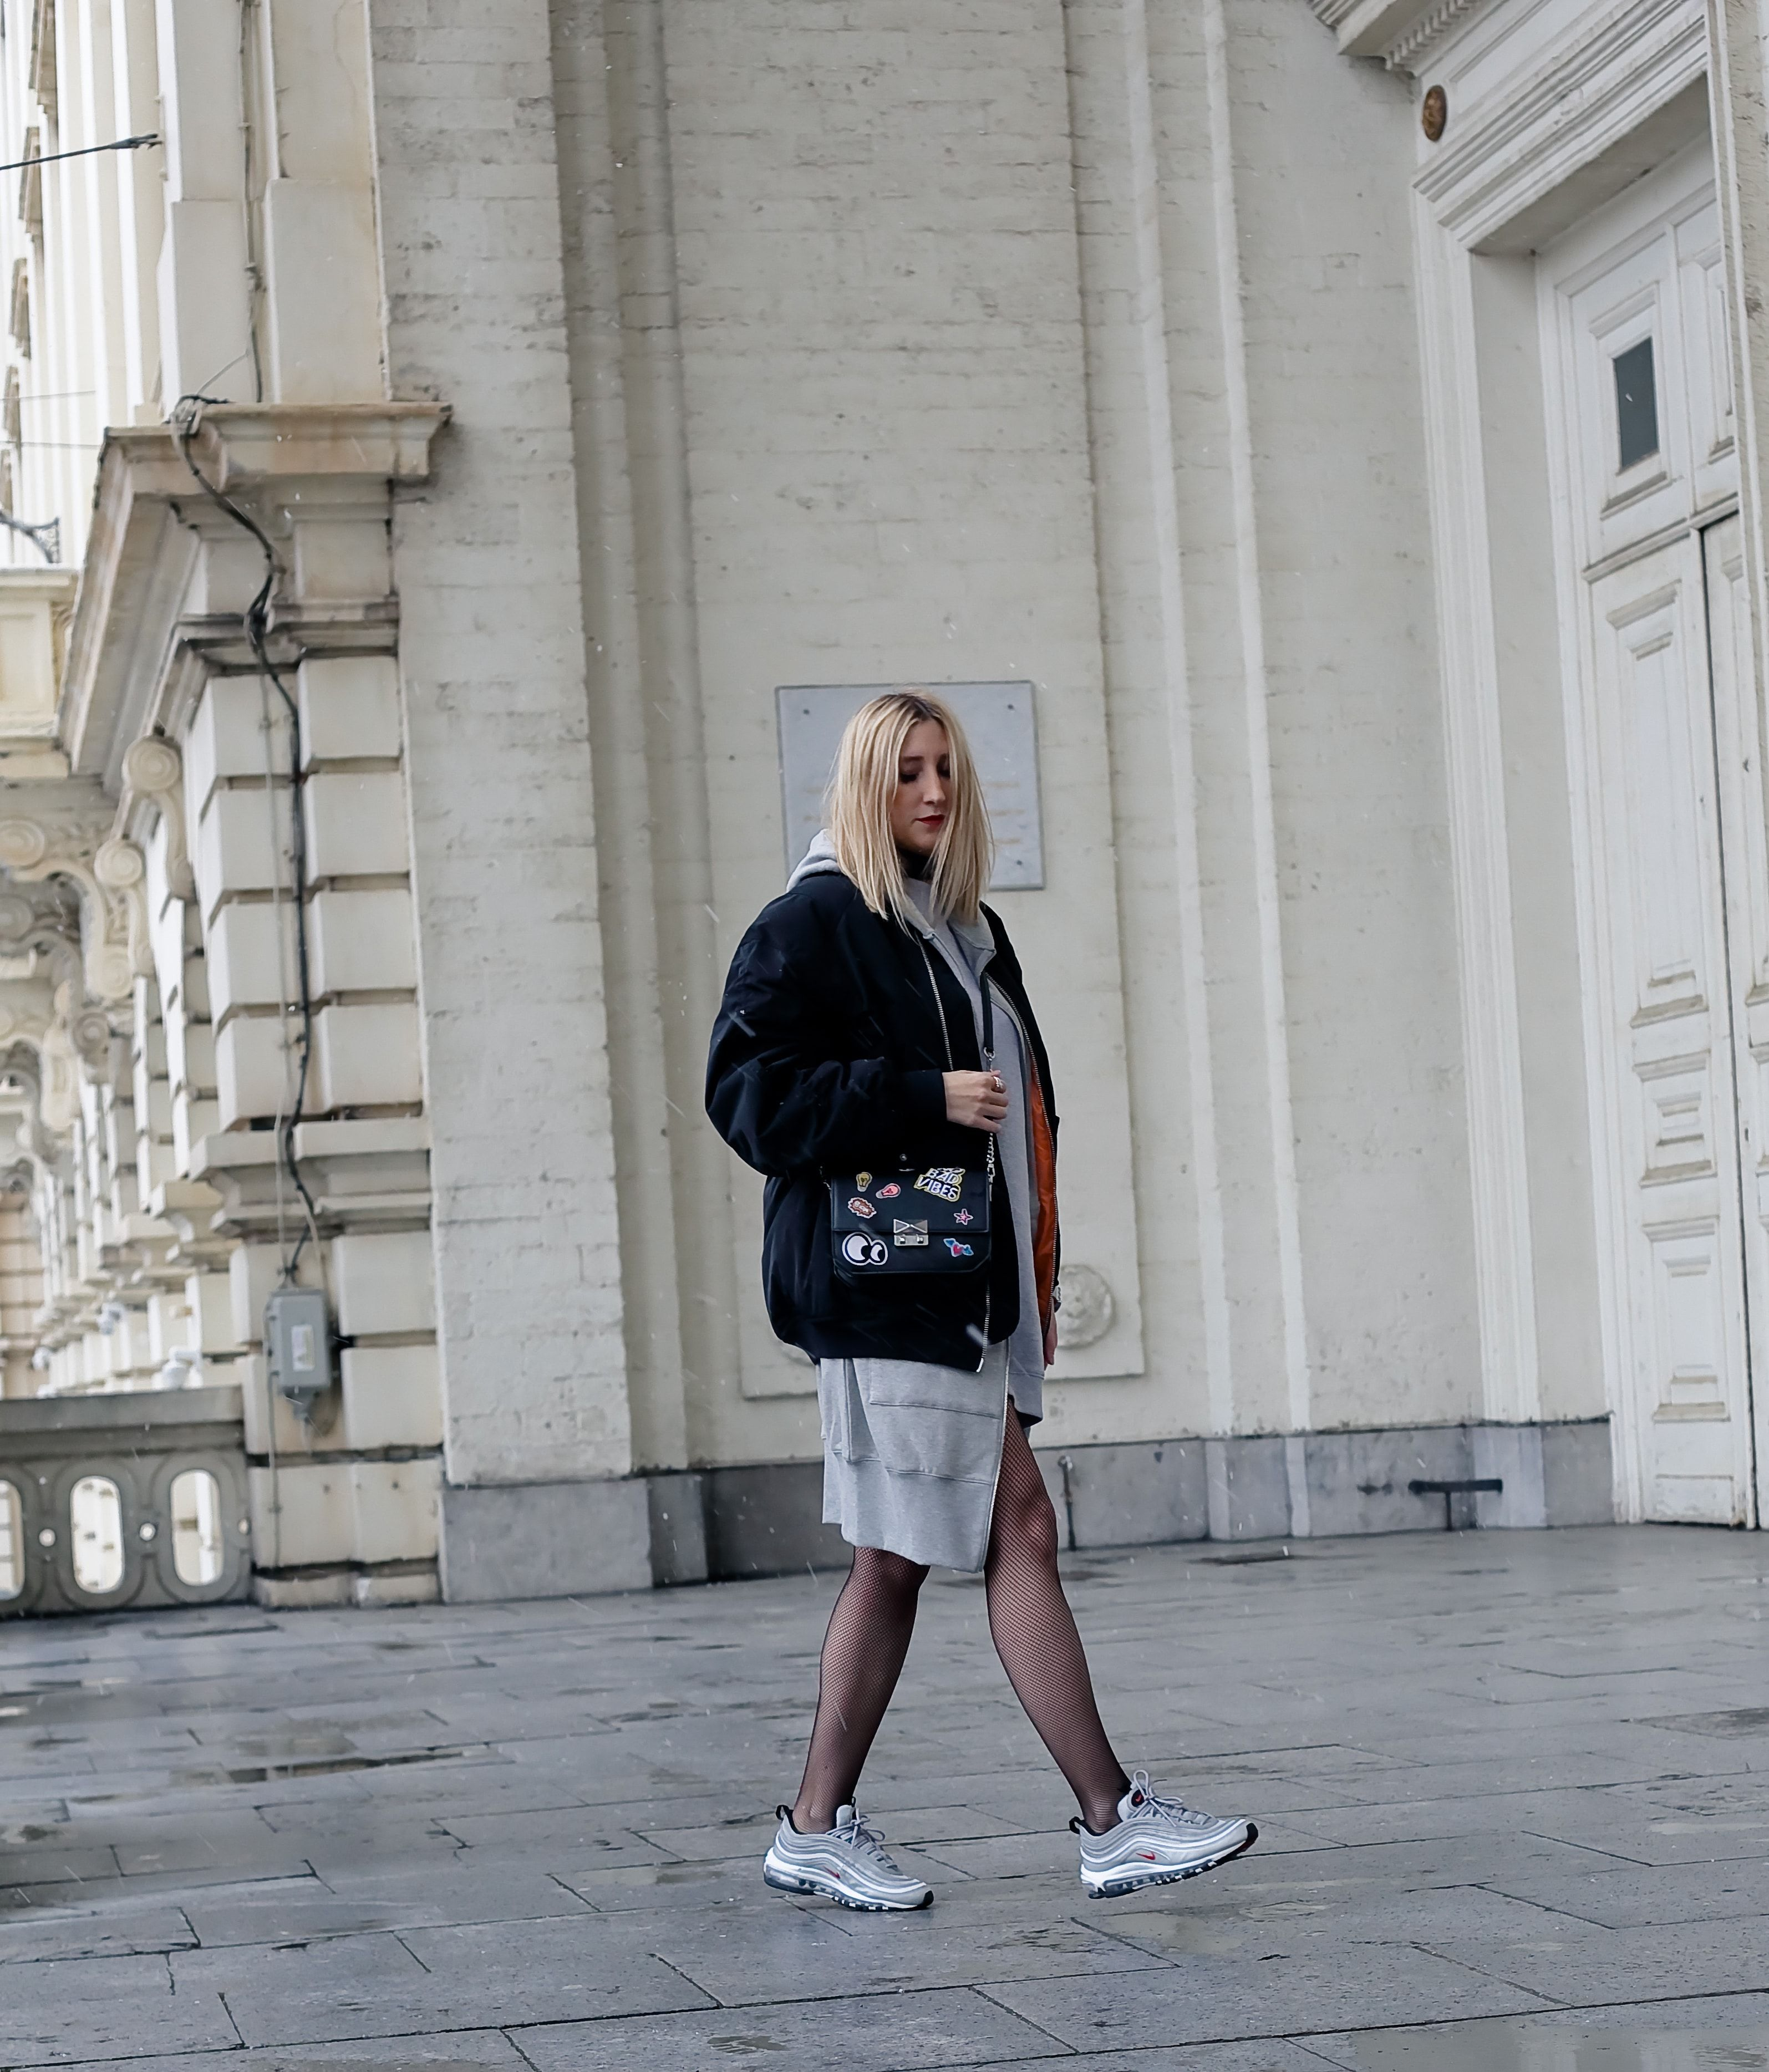 Air Max 97 Des Femmes De Short Blanc excellente en ligne qIbVihk